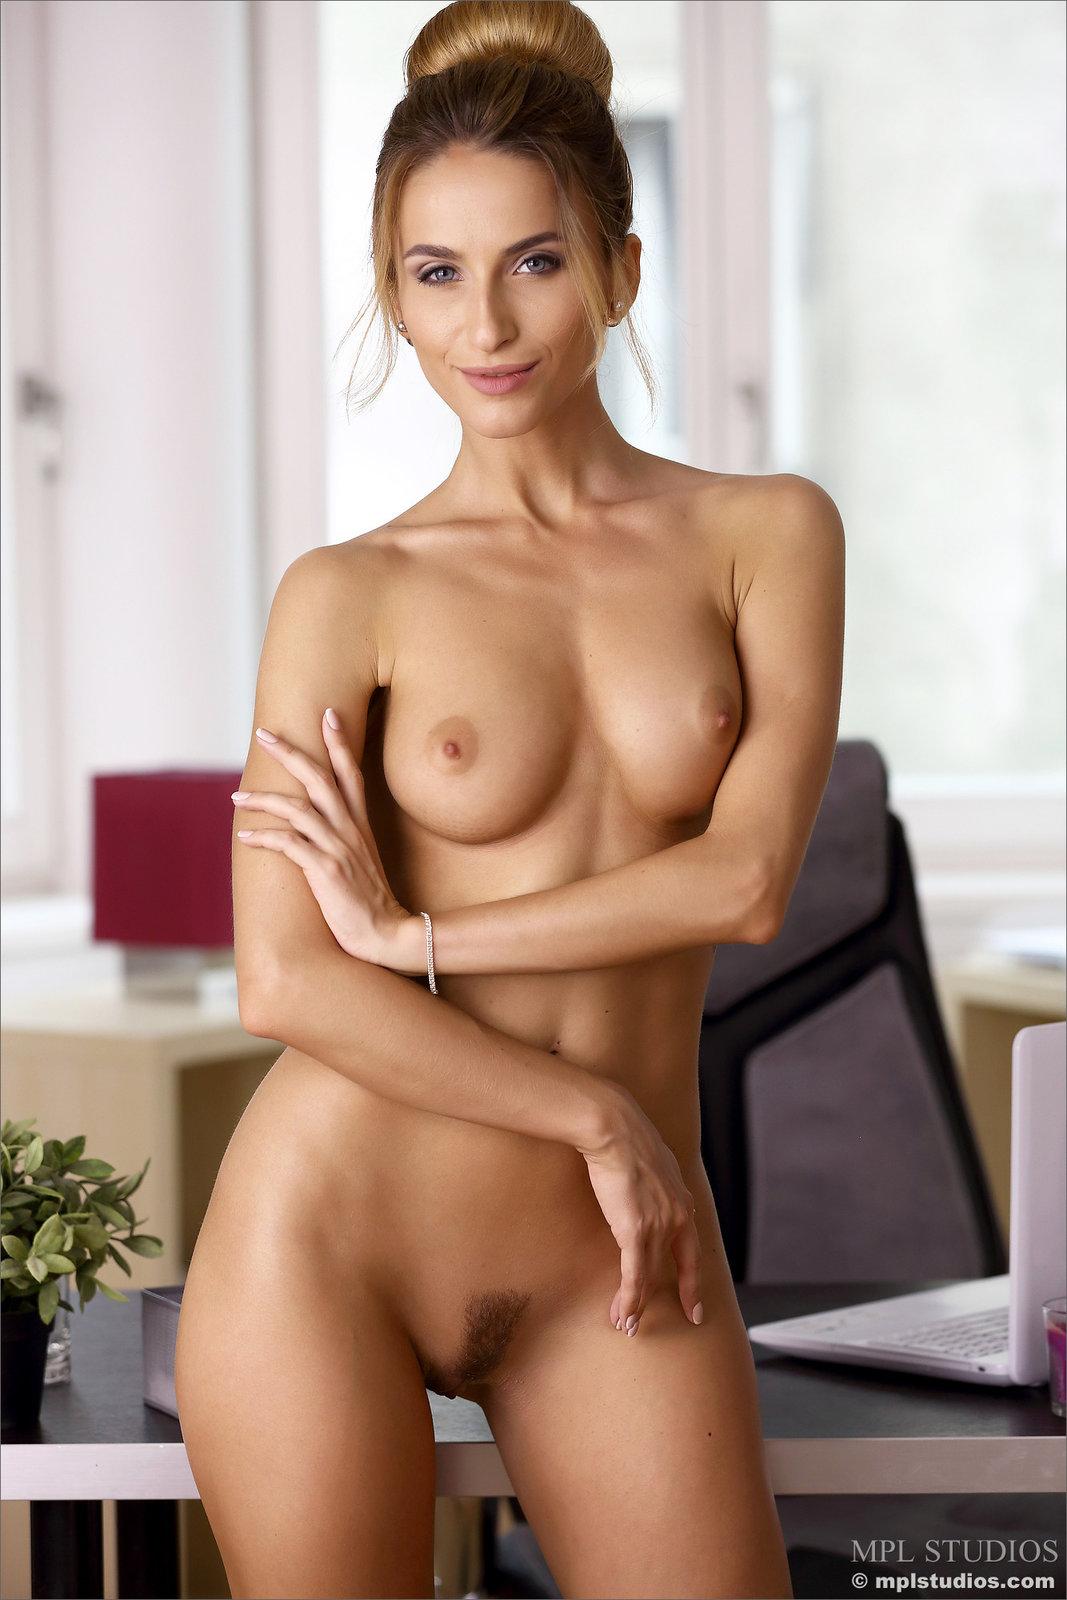 Zdjęcie porno - 1213 - Seksowna sekretarka